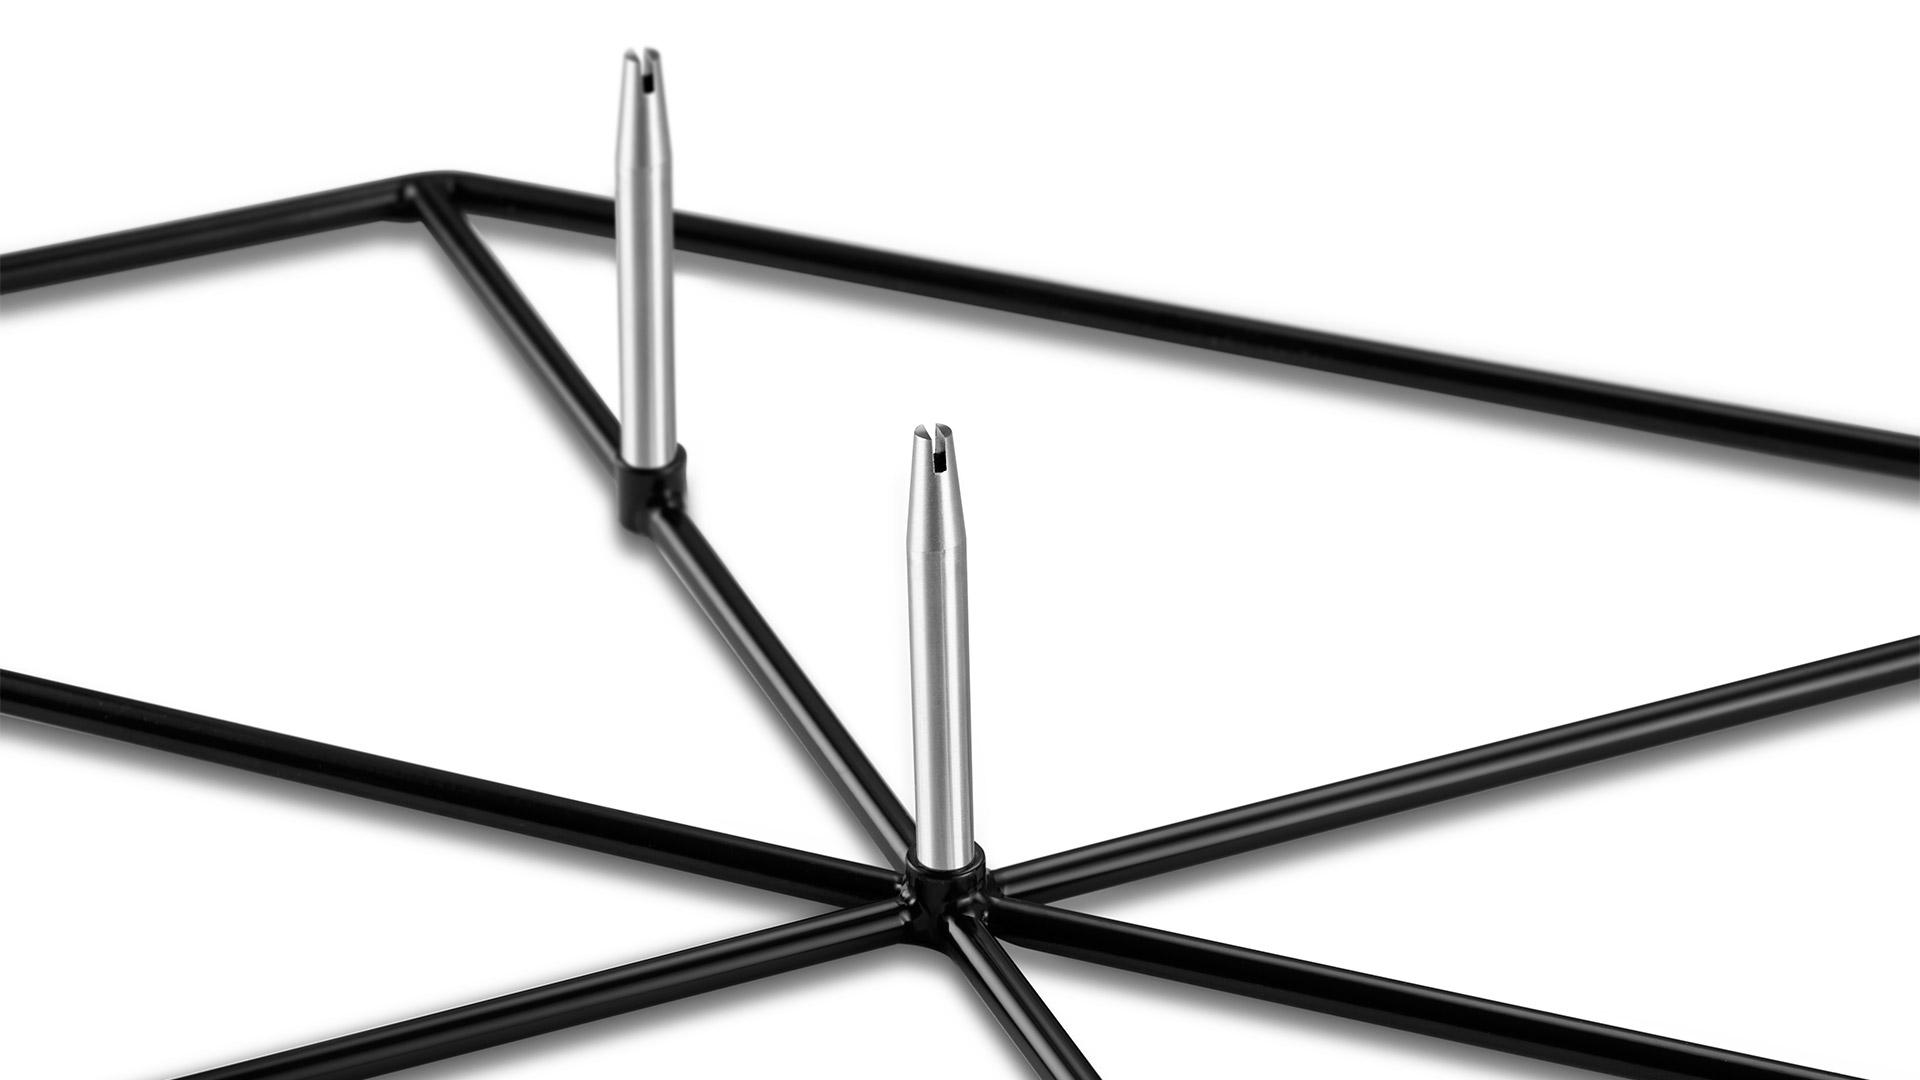 201不锈钢铁架上的28个焊点统一水平不变形,7个标配螺杆双头车工,外直径公差保证在0.3mm以内,垂直安装后保证平行于同一立面,角度公差保证在1mm以内,高精密工艺保证每一个空位精准。